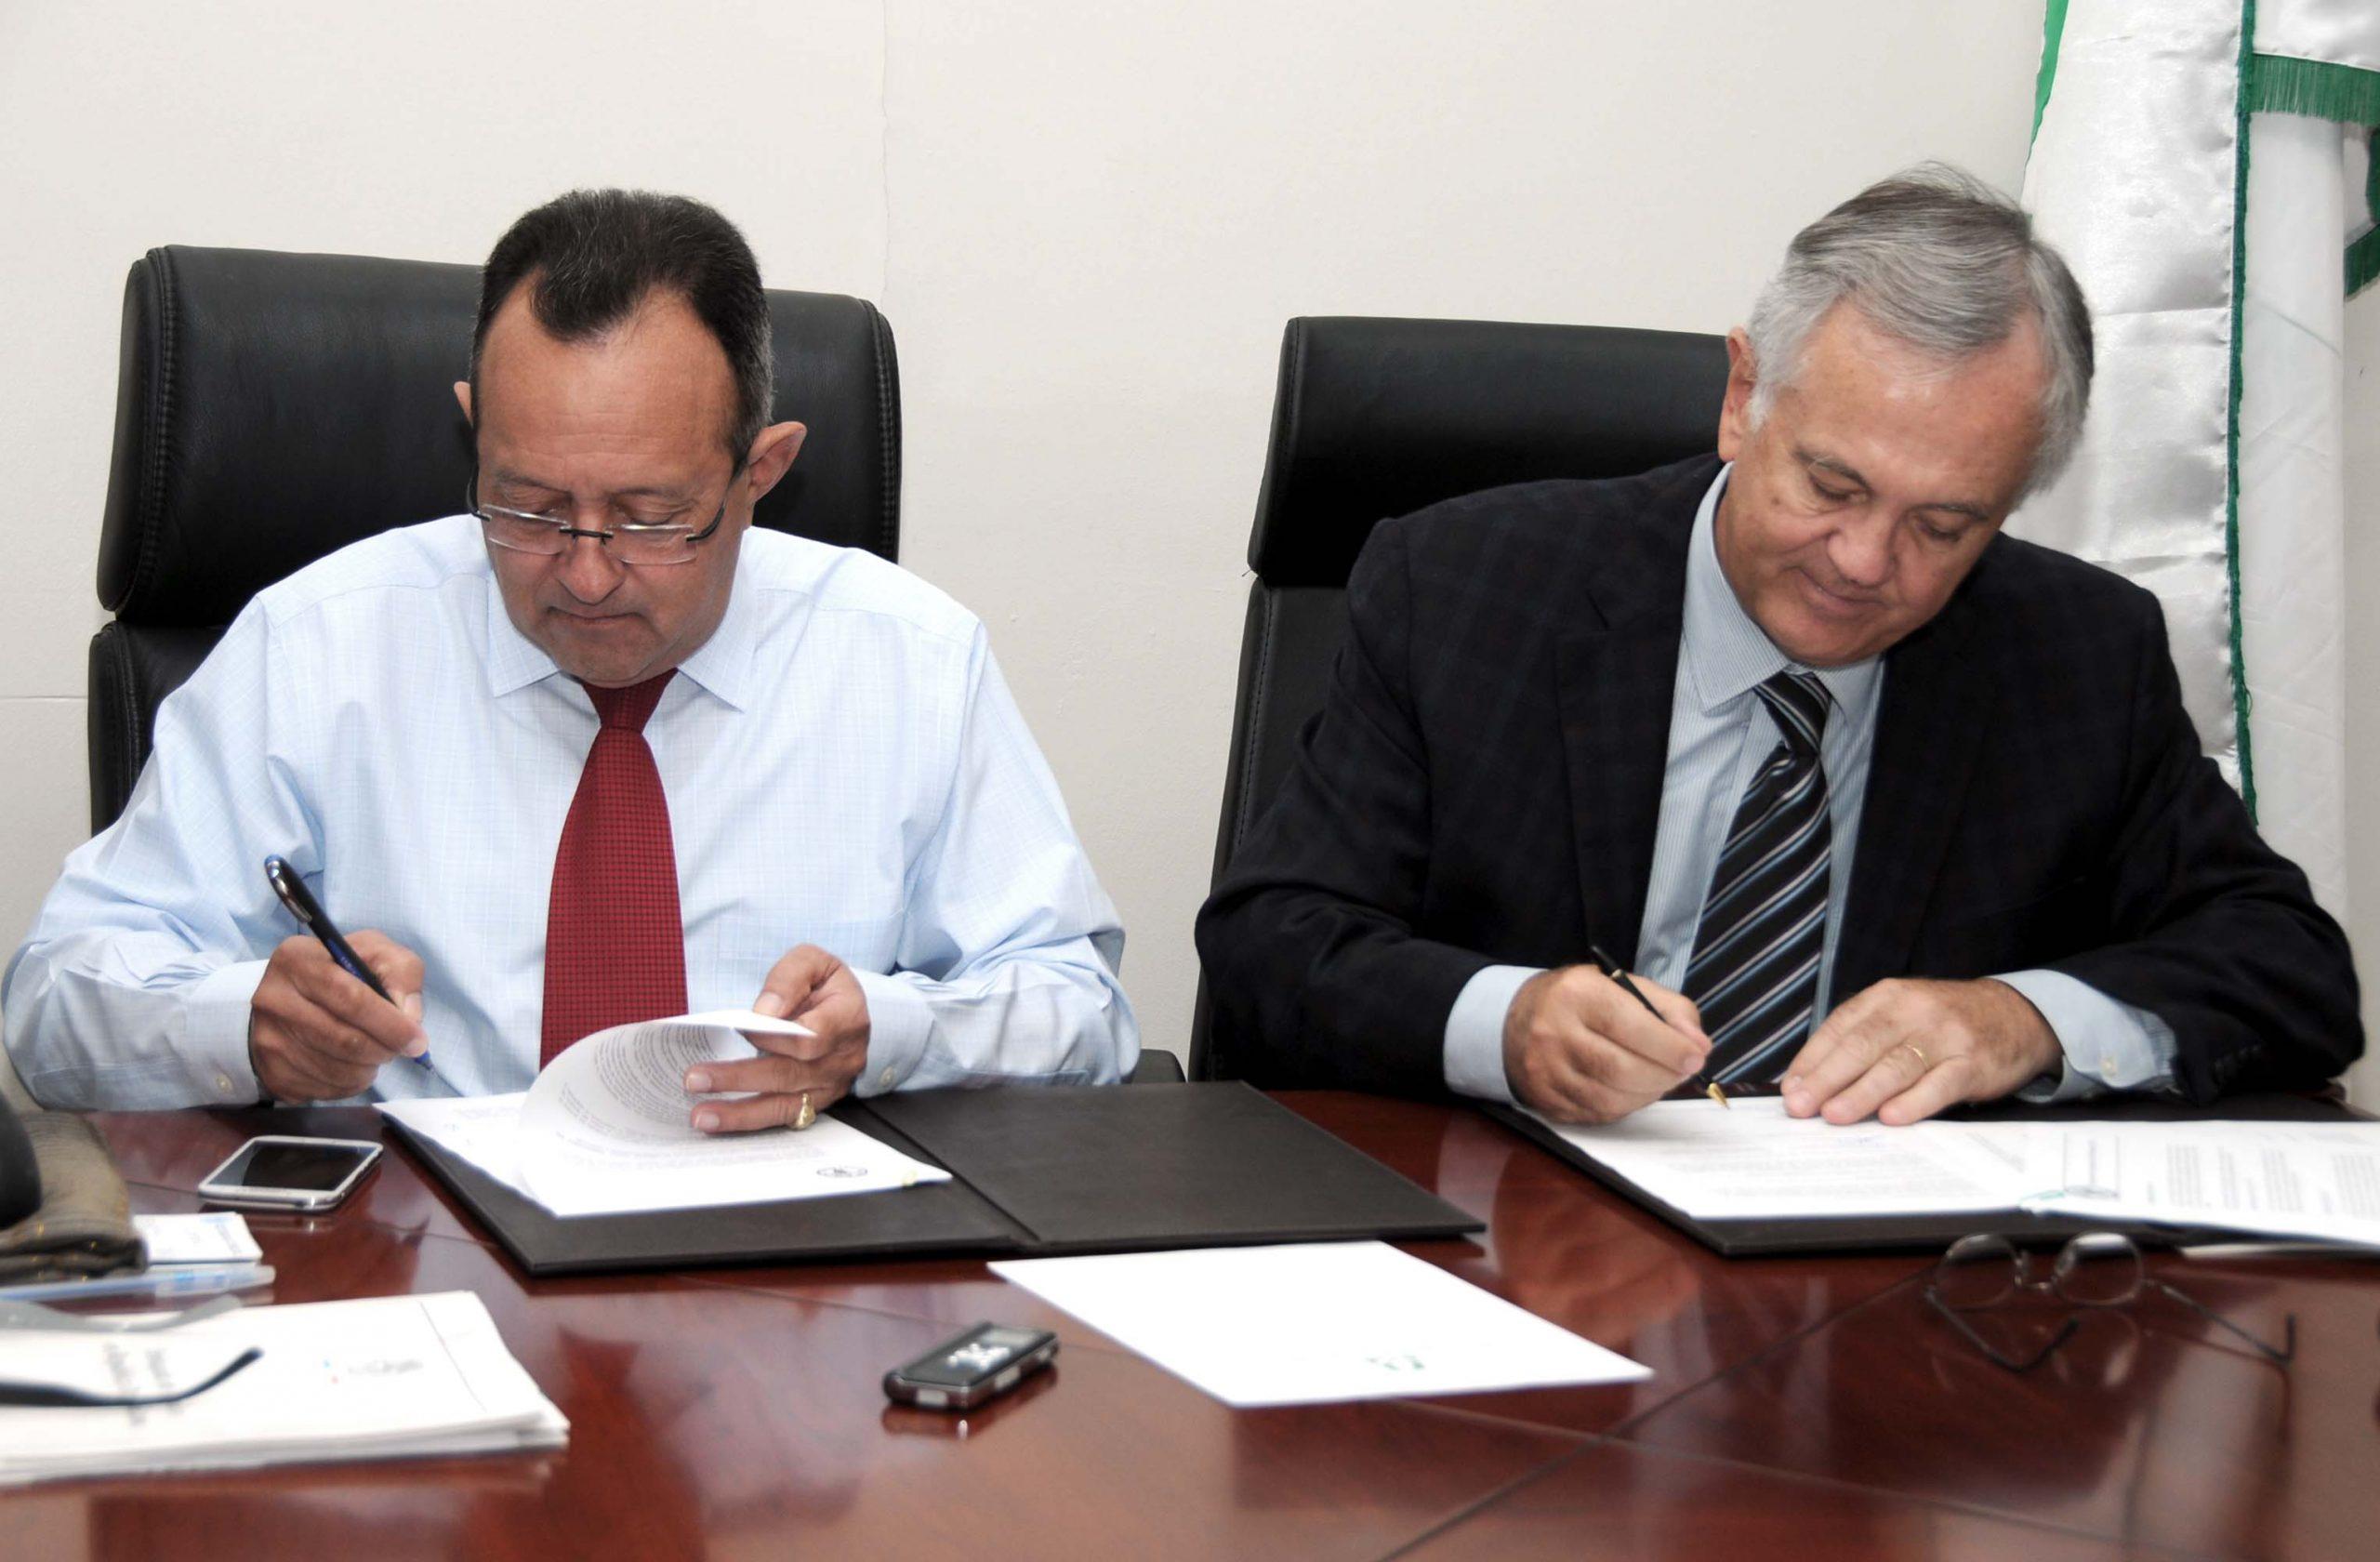 Ángel Estévez y Gero Vaagt acordaron seguir con el impulso de una agricultura sustentable.